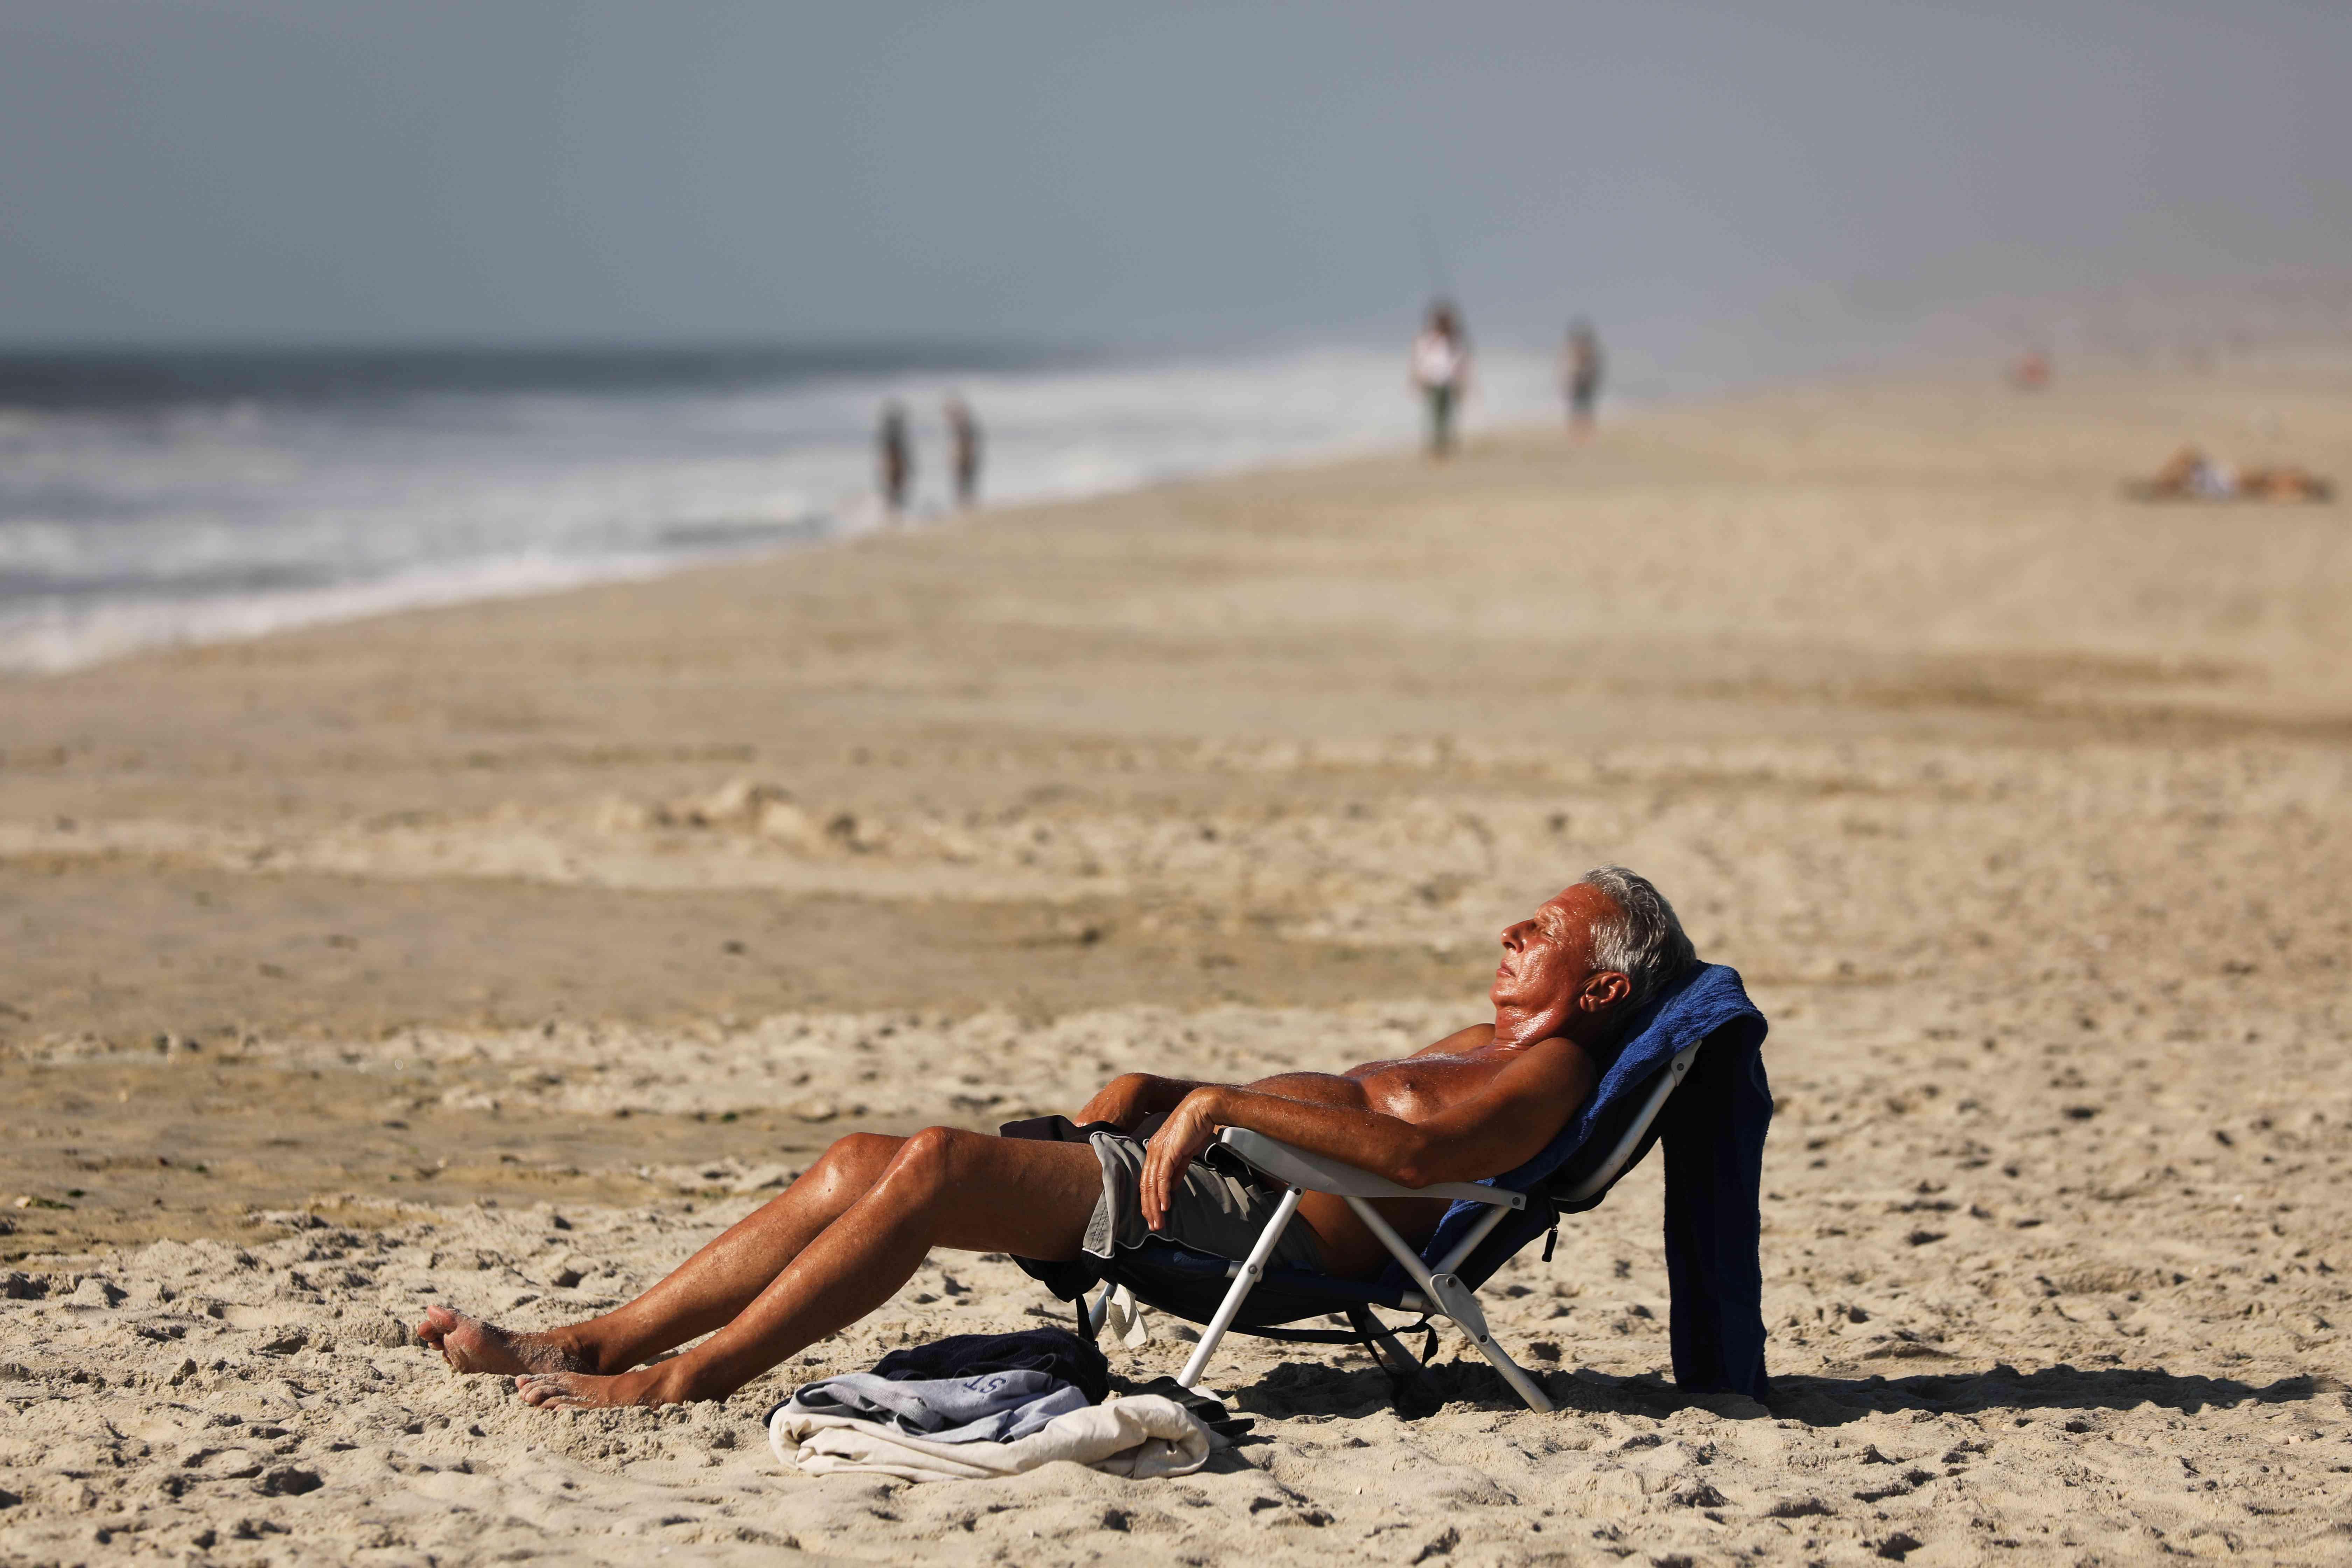 A man sunning on the beach.